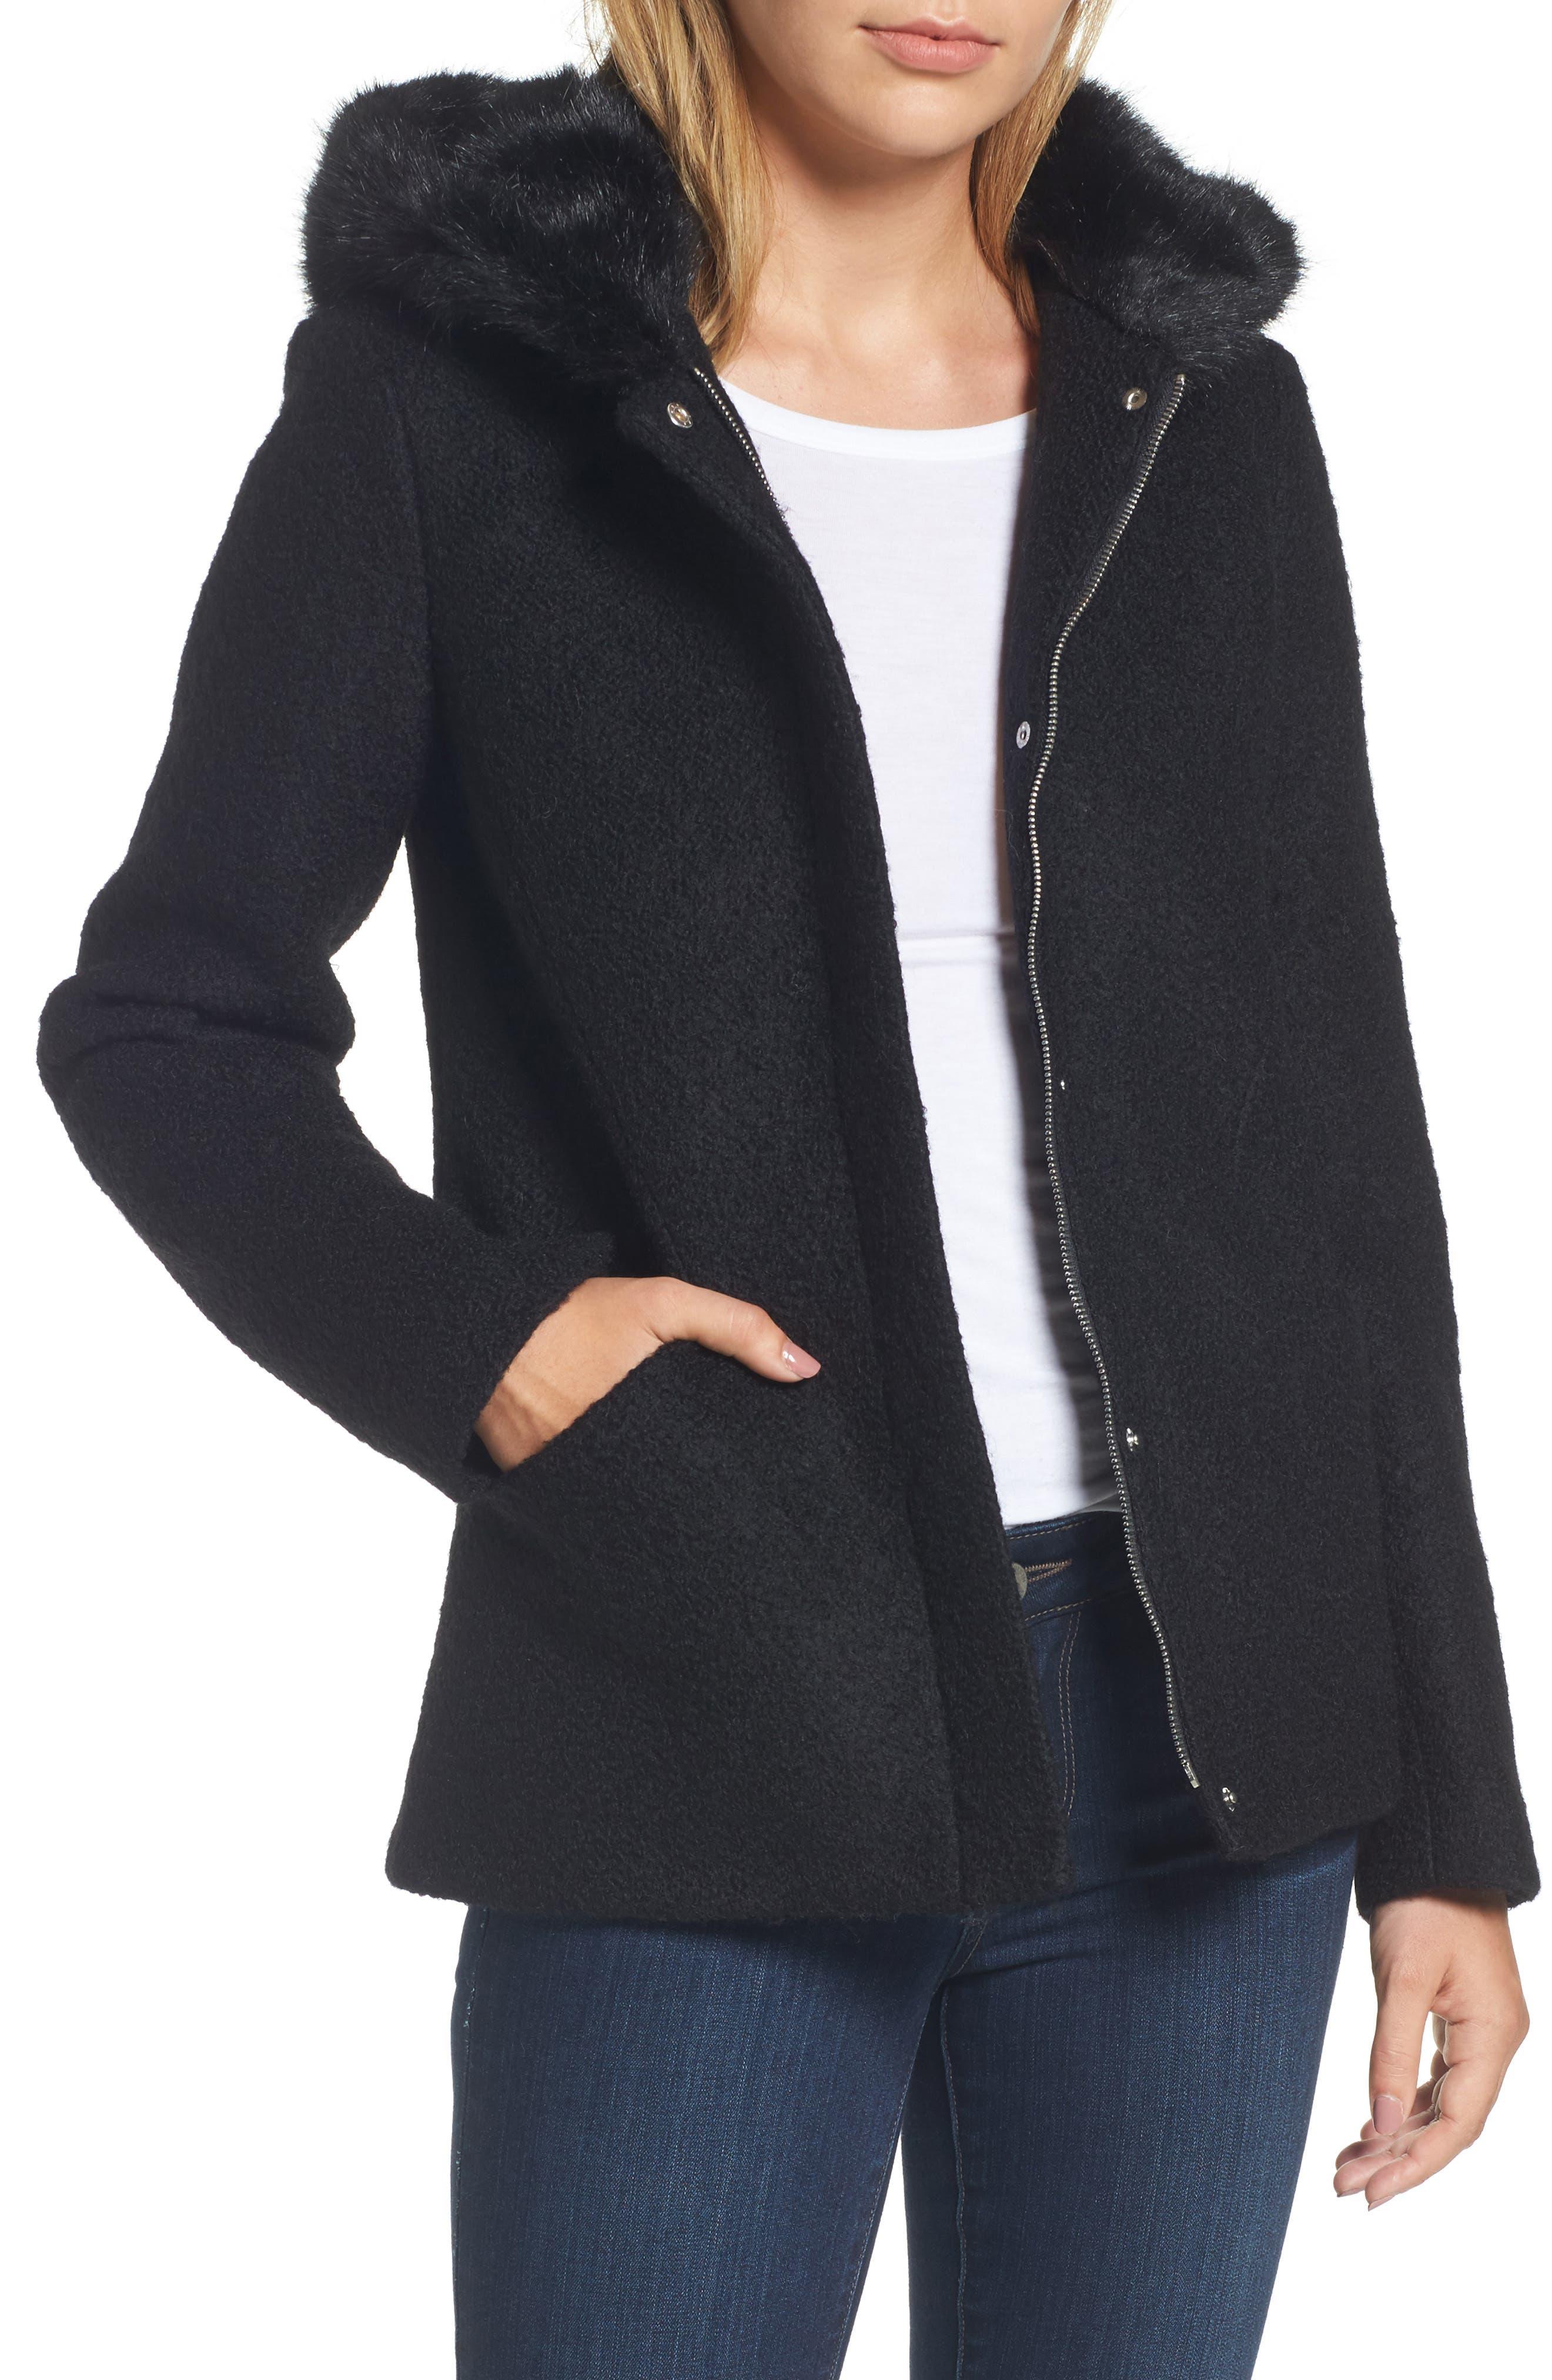 Hooded Wool Blend Bouclé Jacket with Faux Fur Trim,                             Main thumbnail 1, color,                             Black